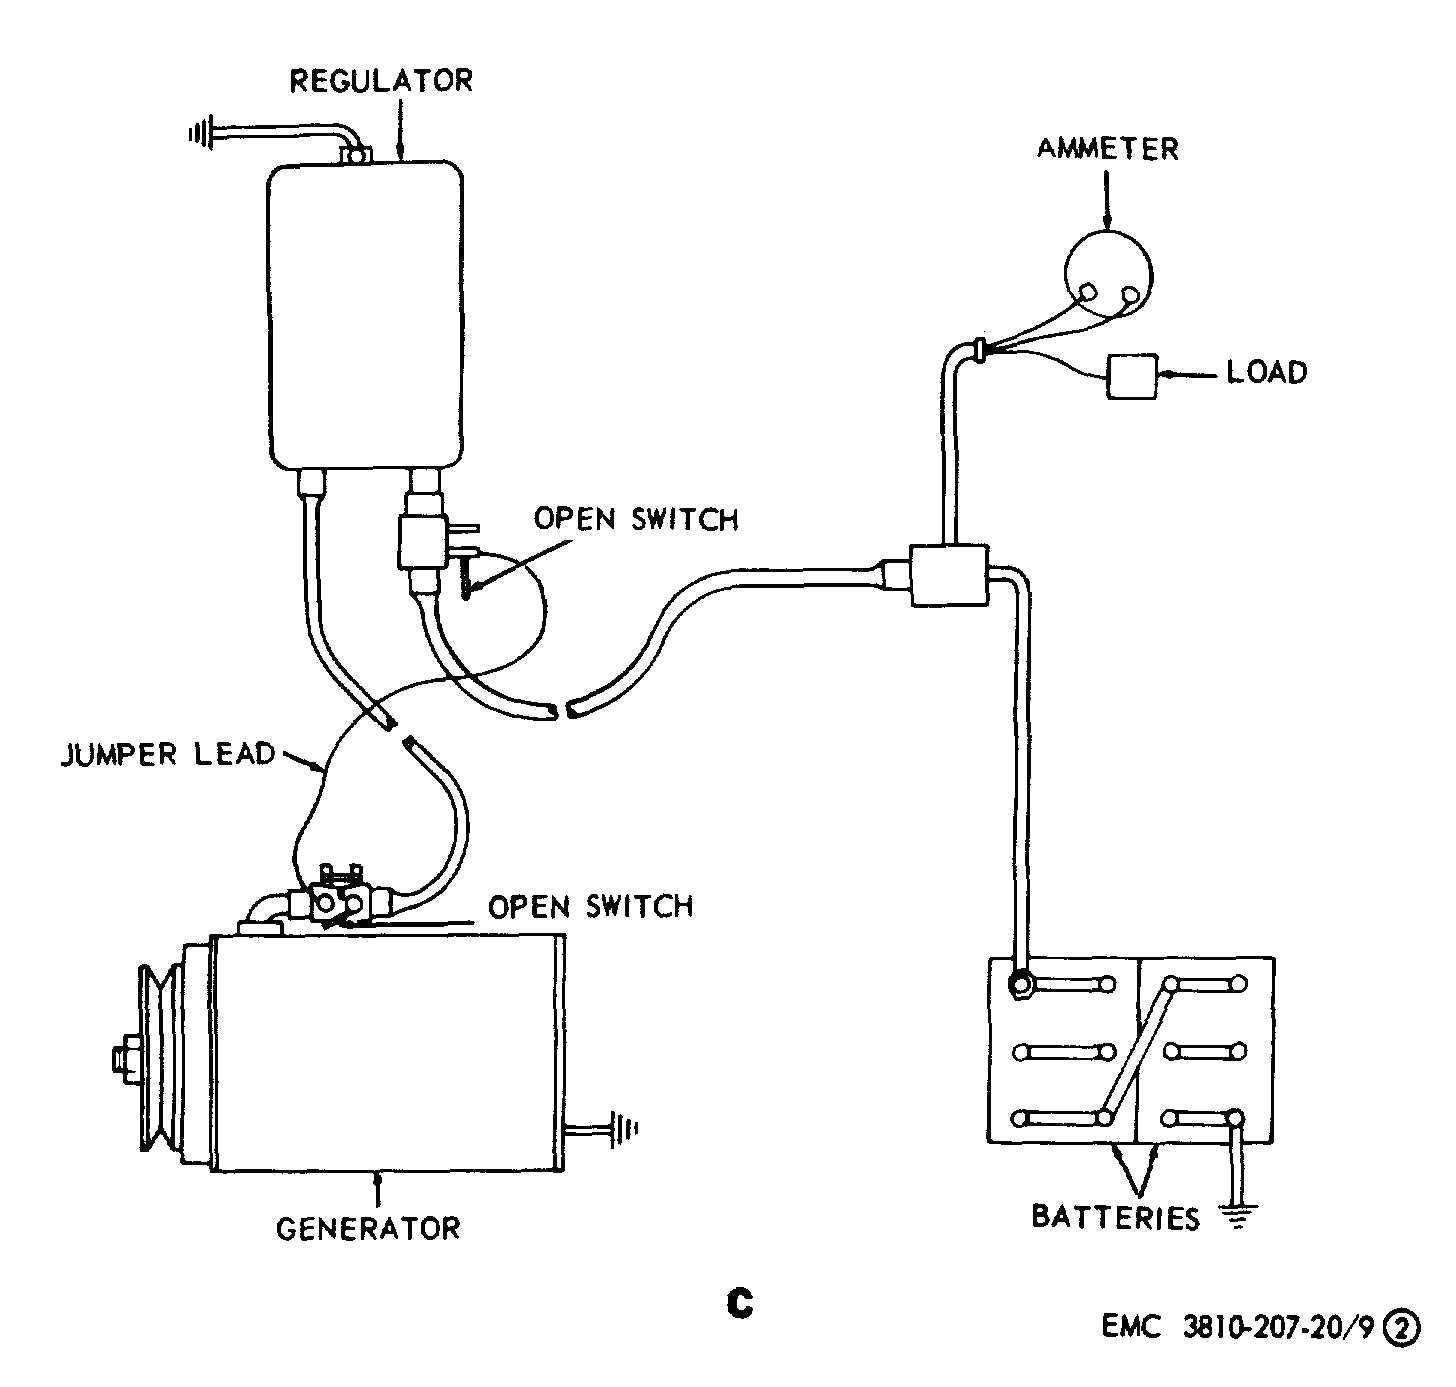 vw 12 volt regulator wiring diagram wiring diagram name amp gauge wiring diagram it47 bt j1